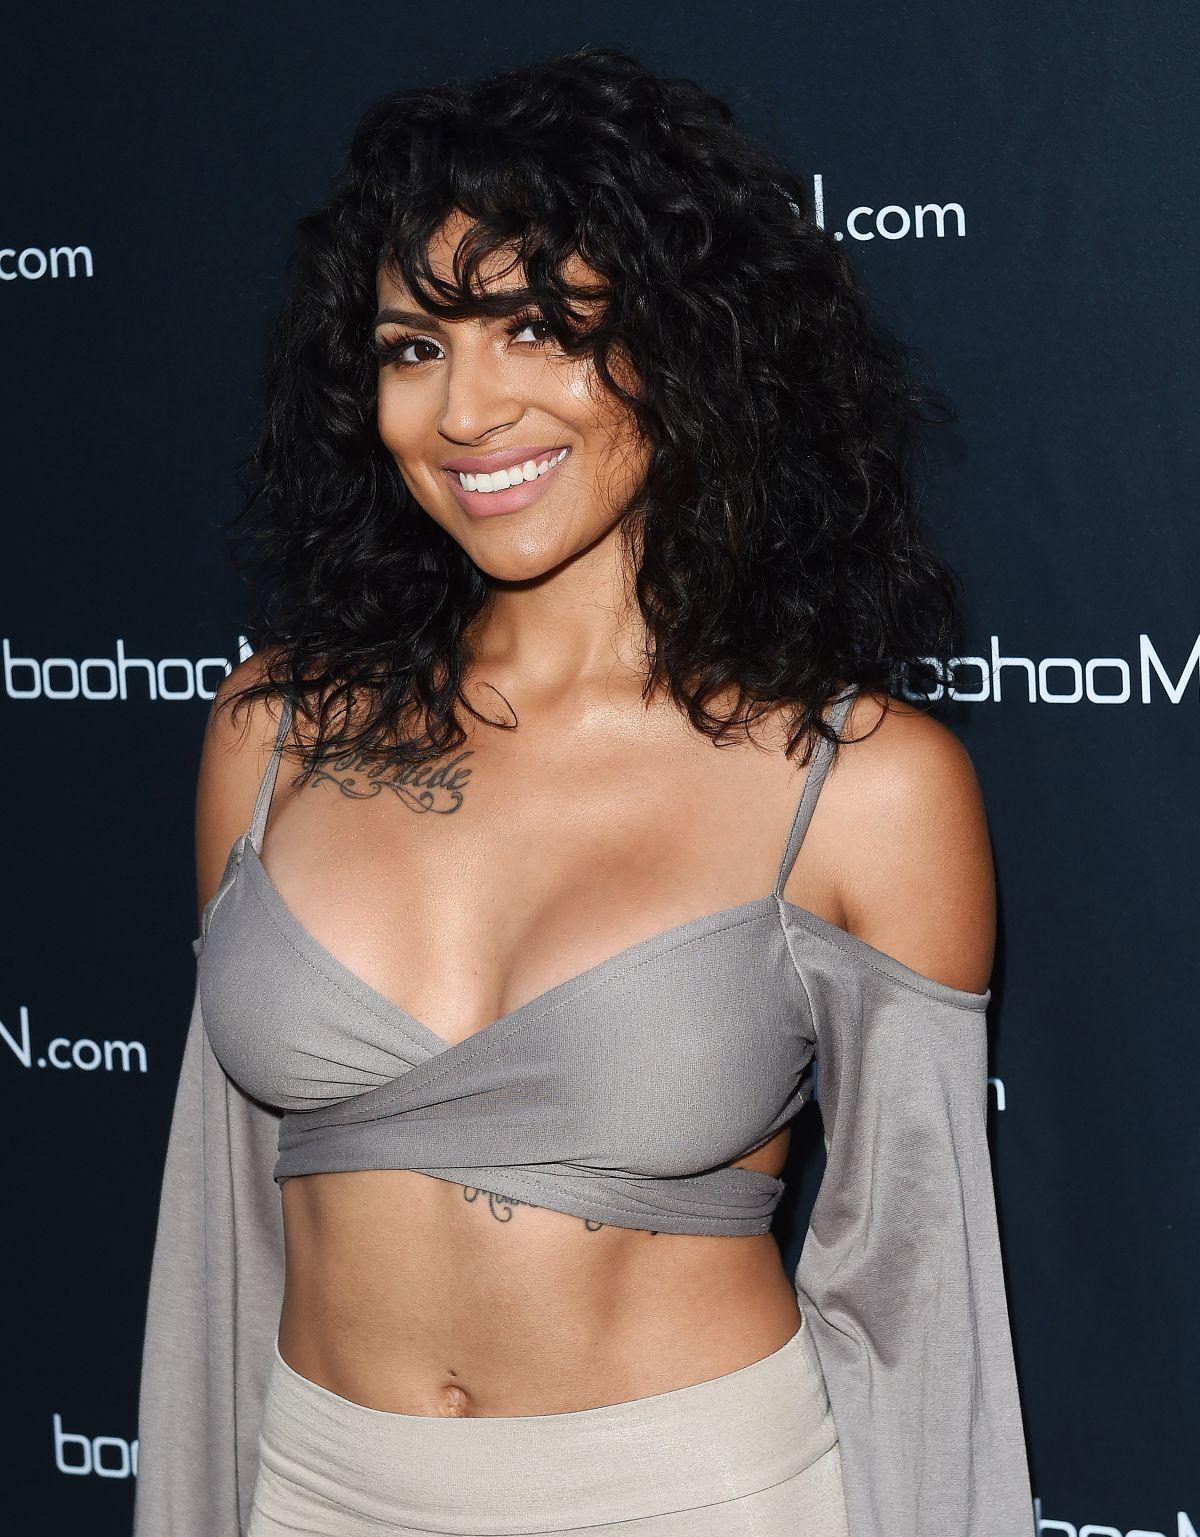 PAULA DEANDA at boohooman.com Launch Party in Los Angeles 06/20/2017